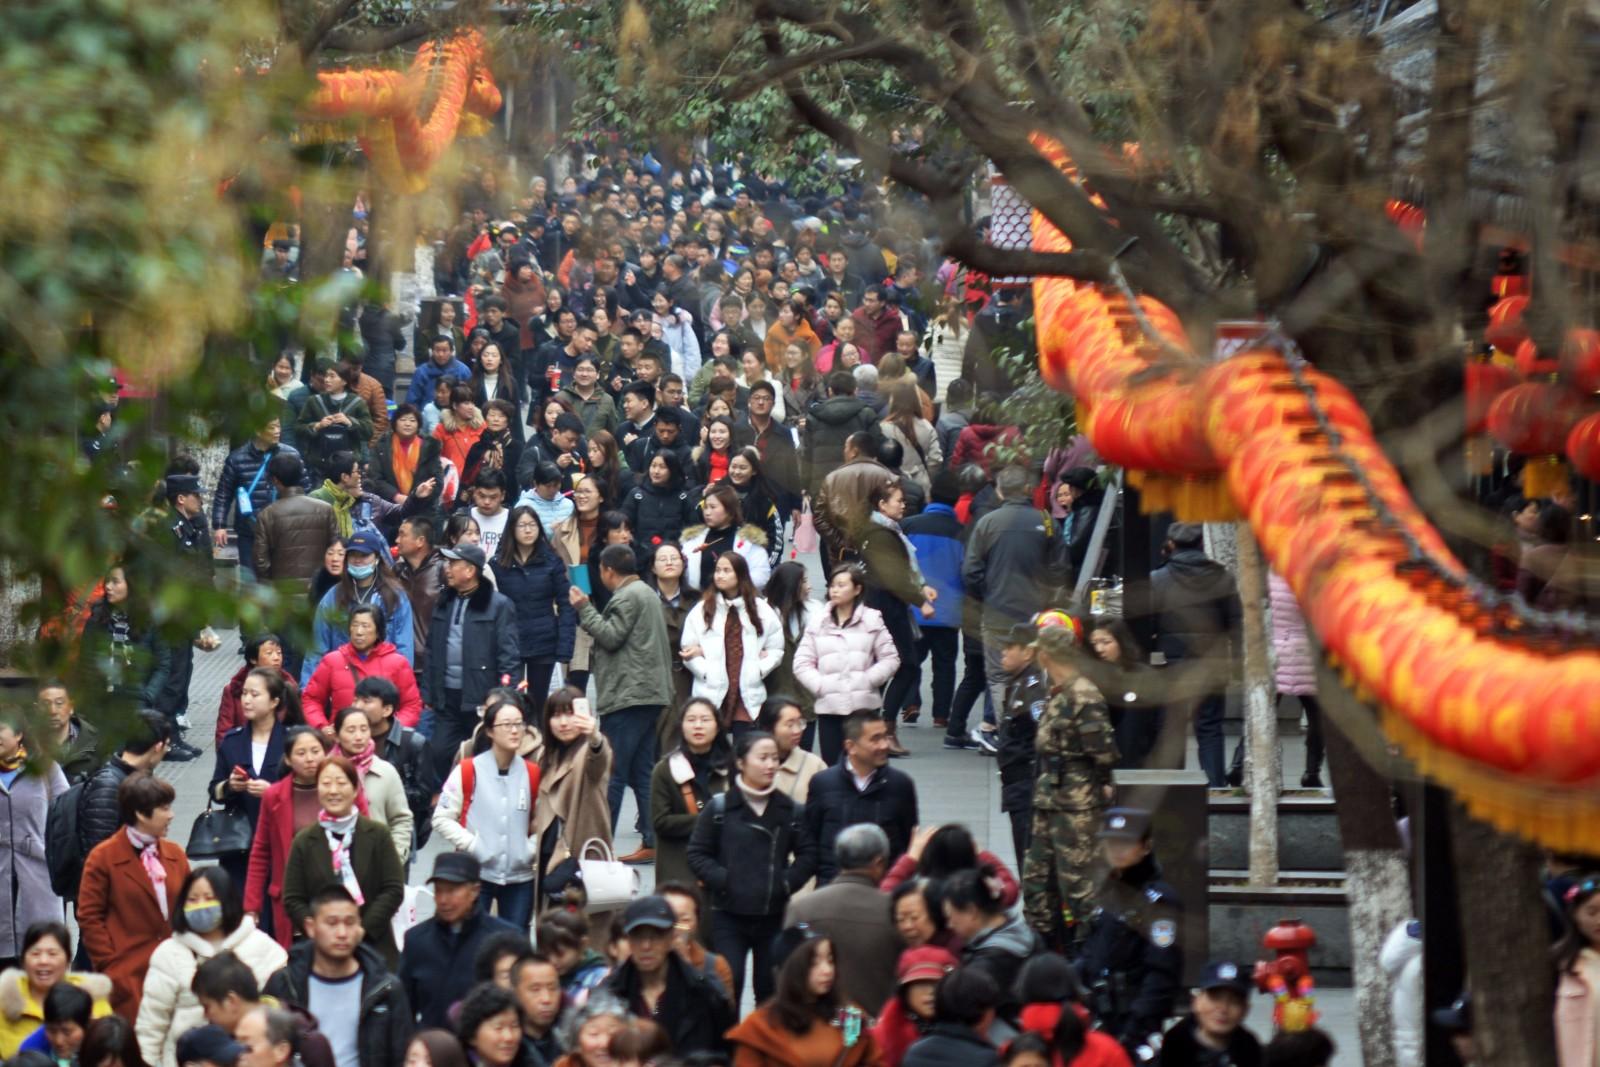 夫子庙景区单日客流总数突破30万人,预计达到40万,实时客流量突破11